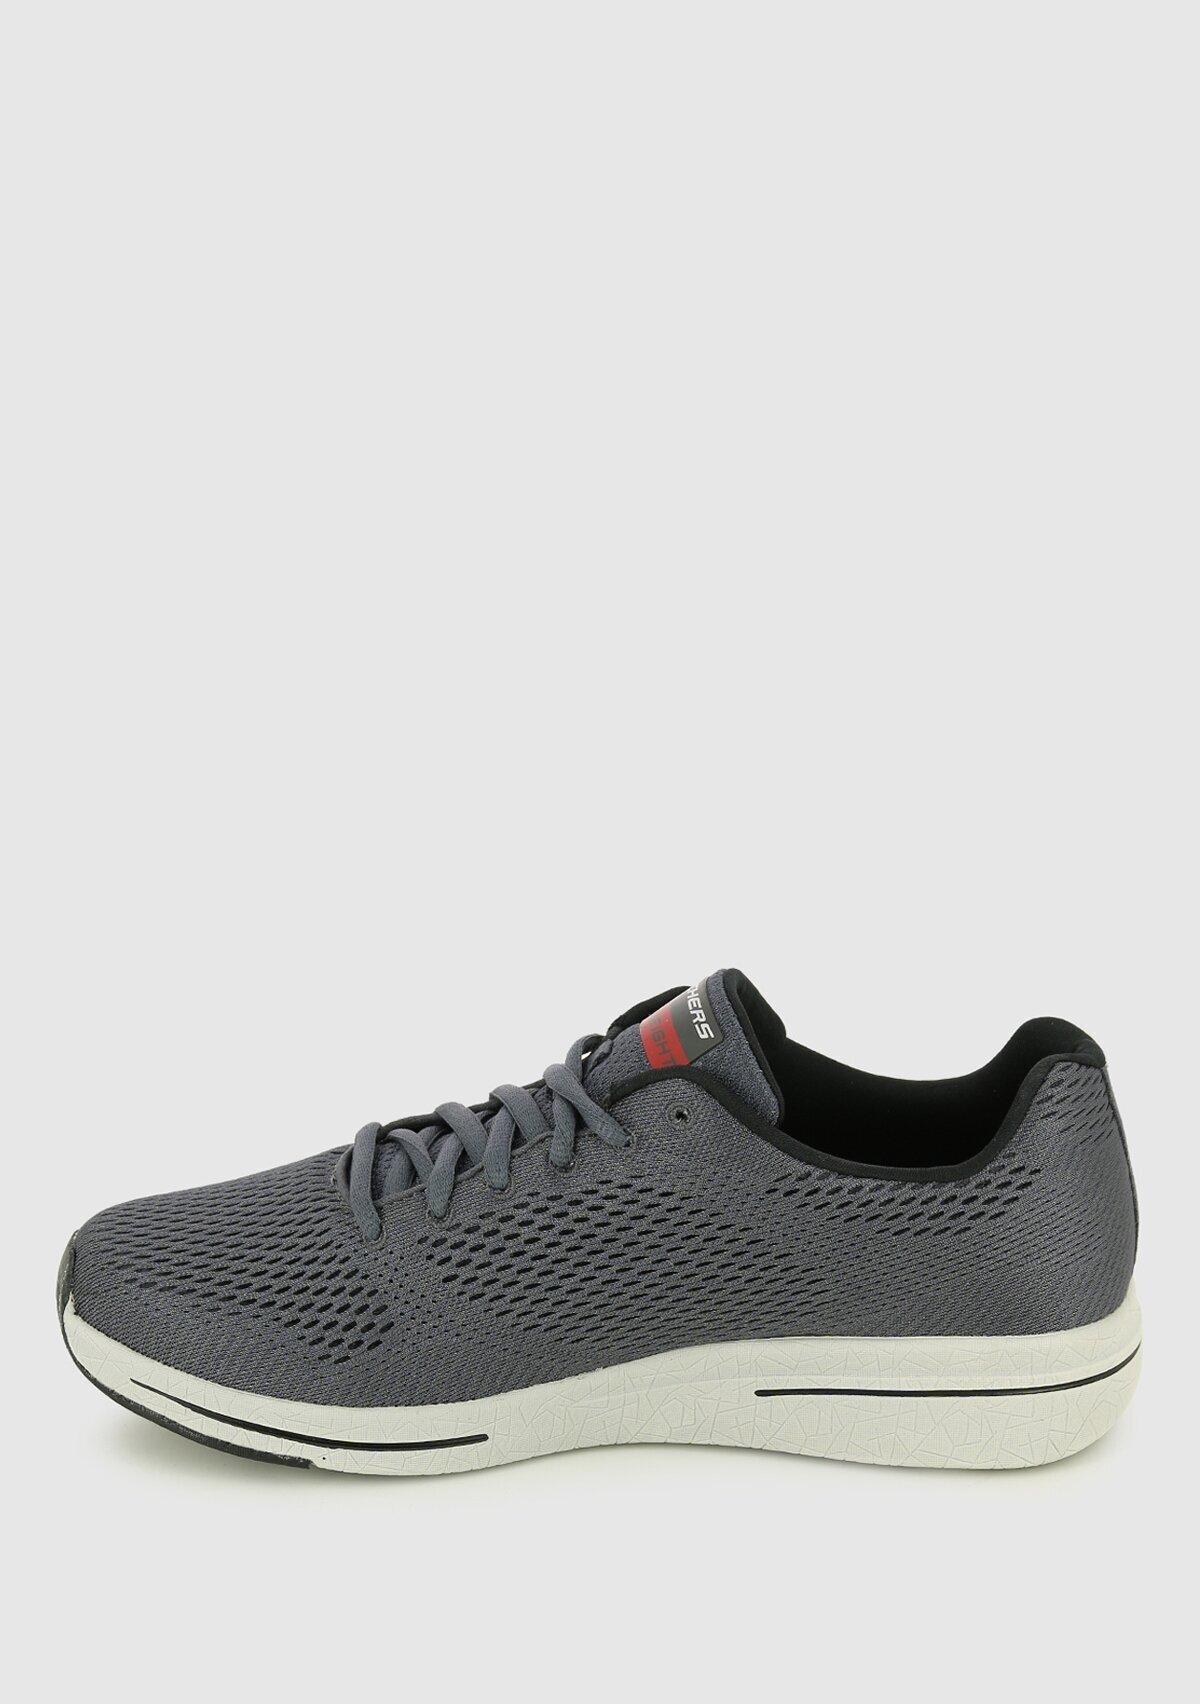 resm Burst Out Of Range Gri Erkek Sneaker 999739Ccbk